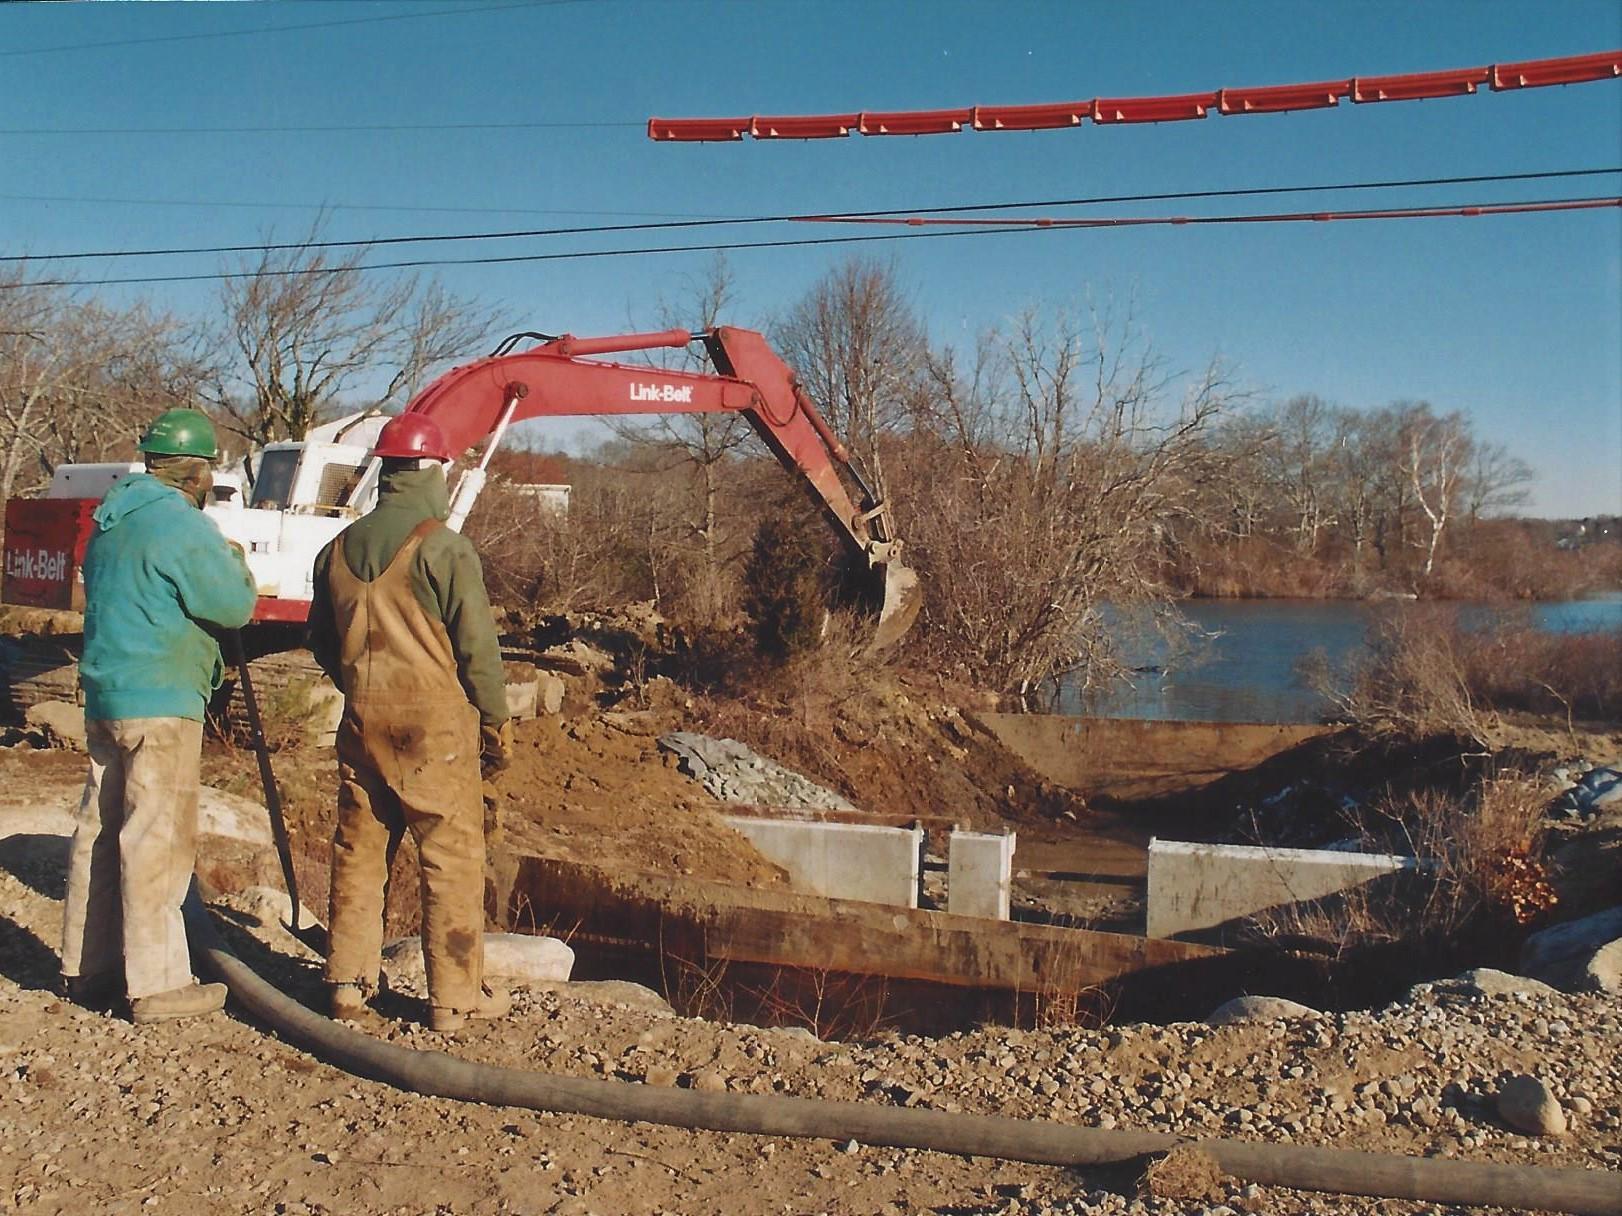 Oyster Pond weir under construction in 1998